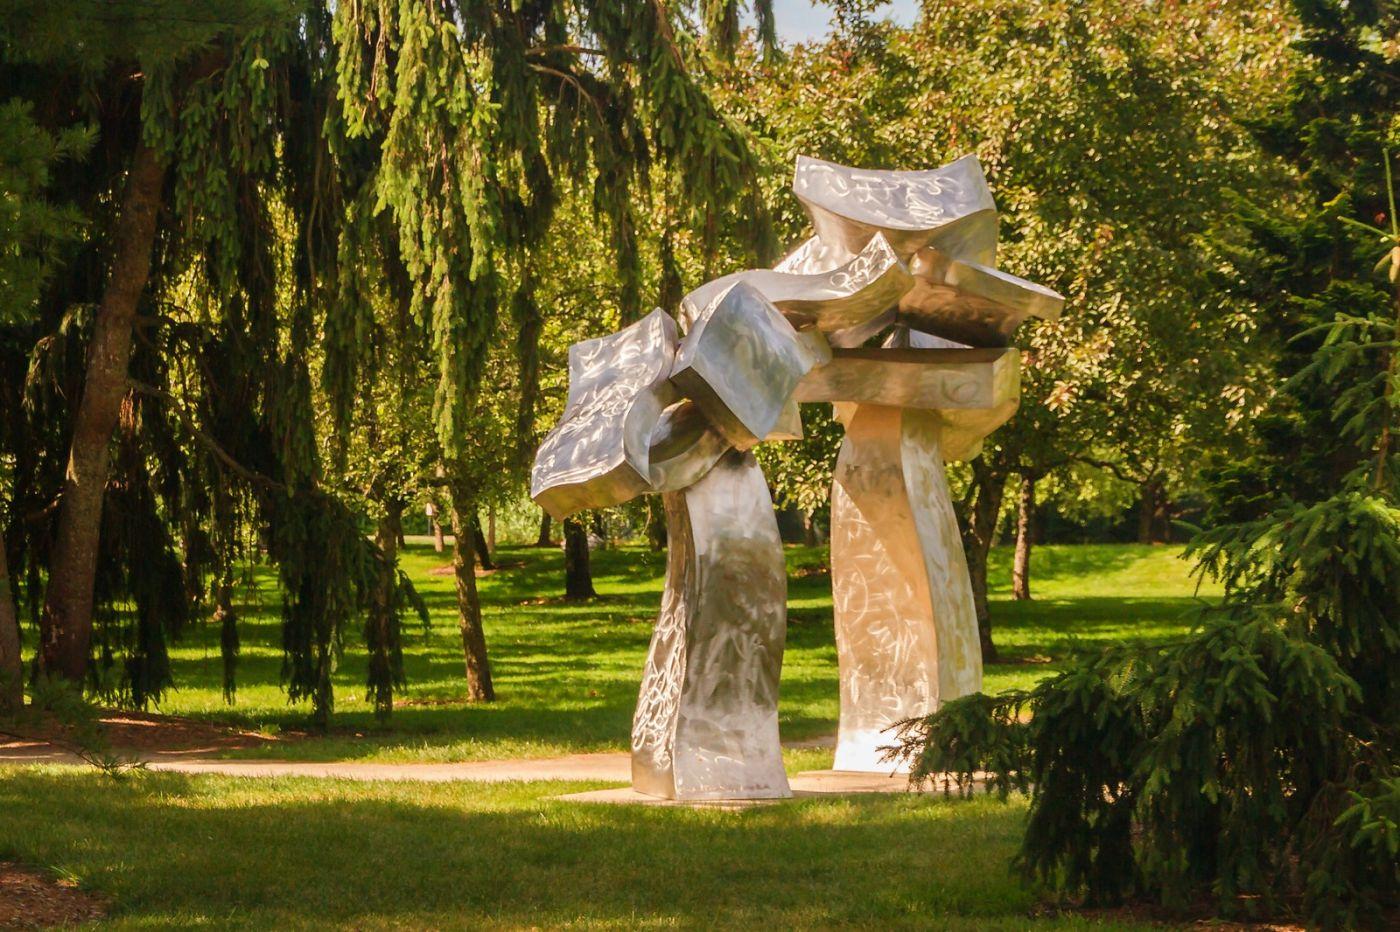 新泽西州雕塑公园(Grounds for scuplture),题材很广_图1-20